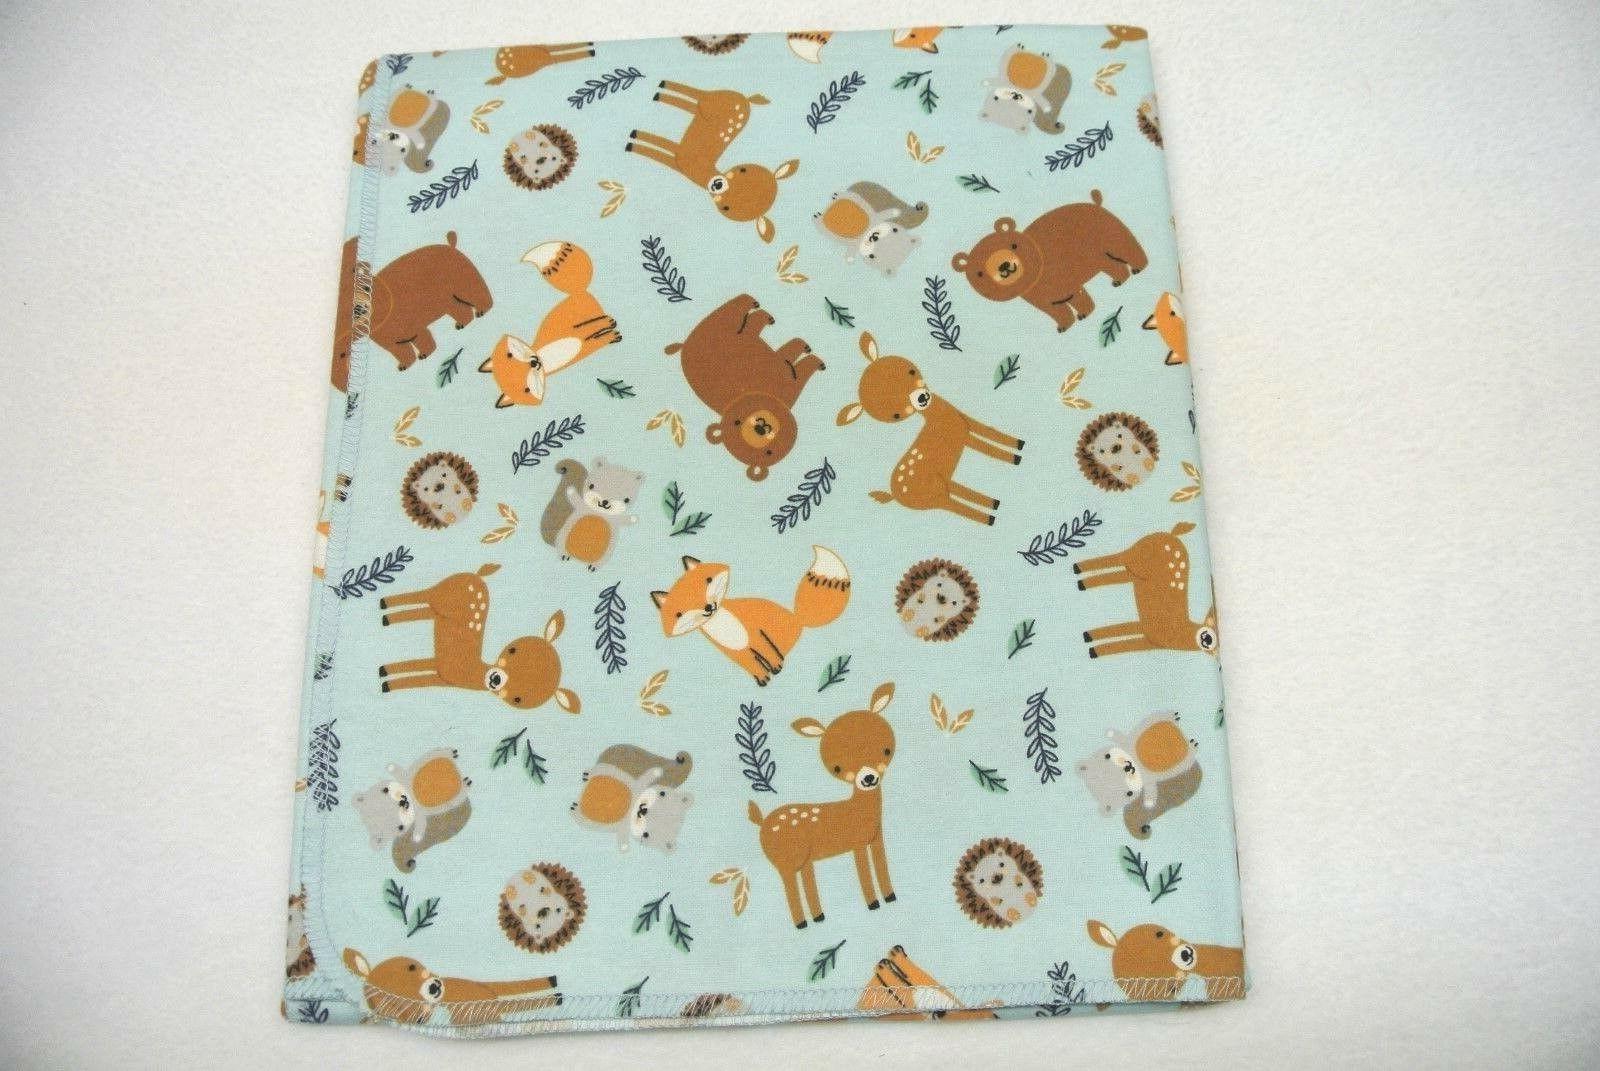 baby blanket deer foxes hedgehogs squirrels bears